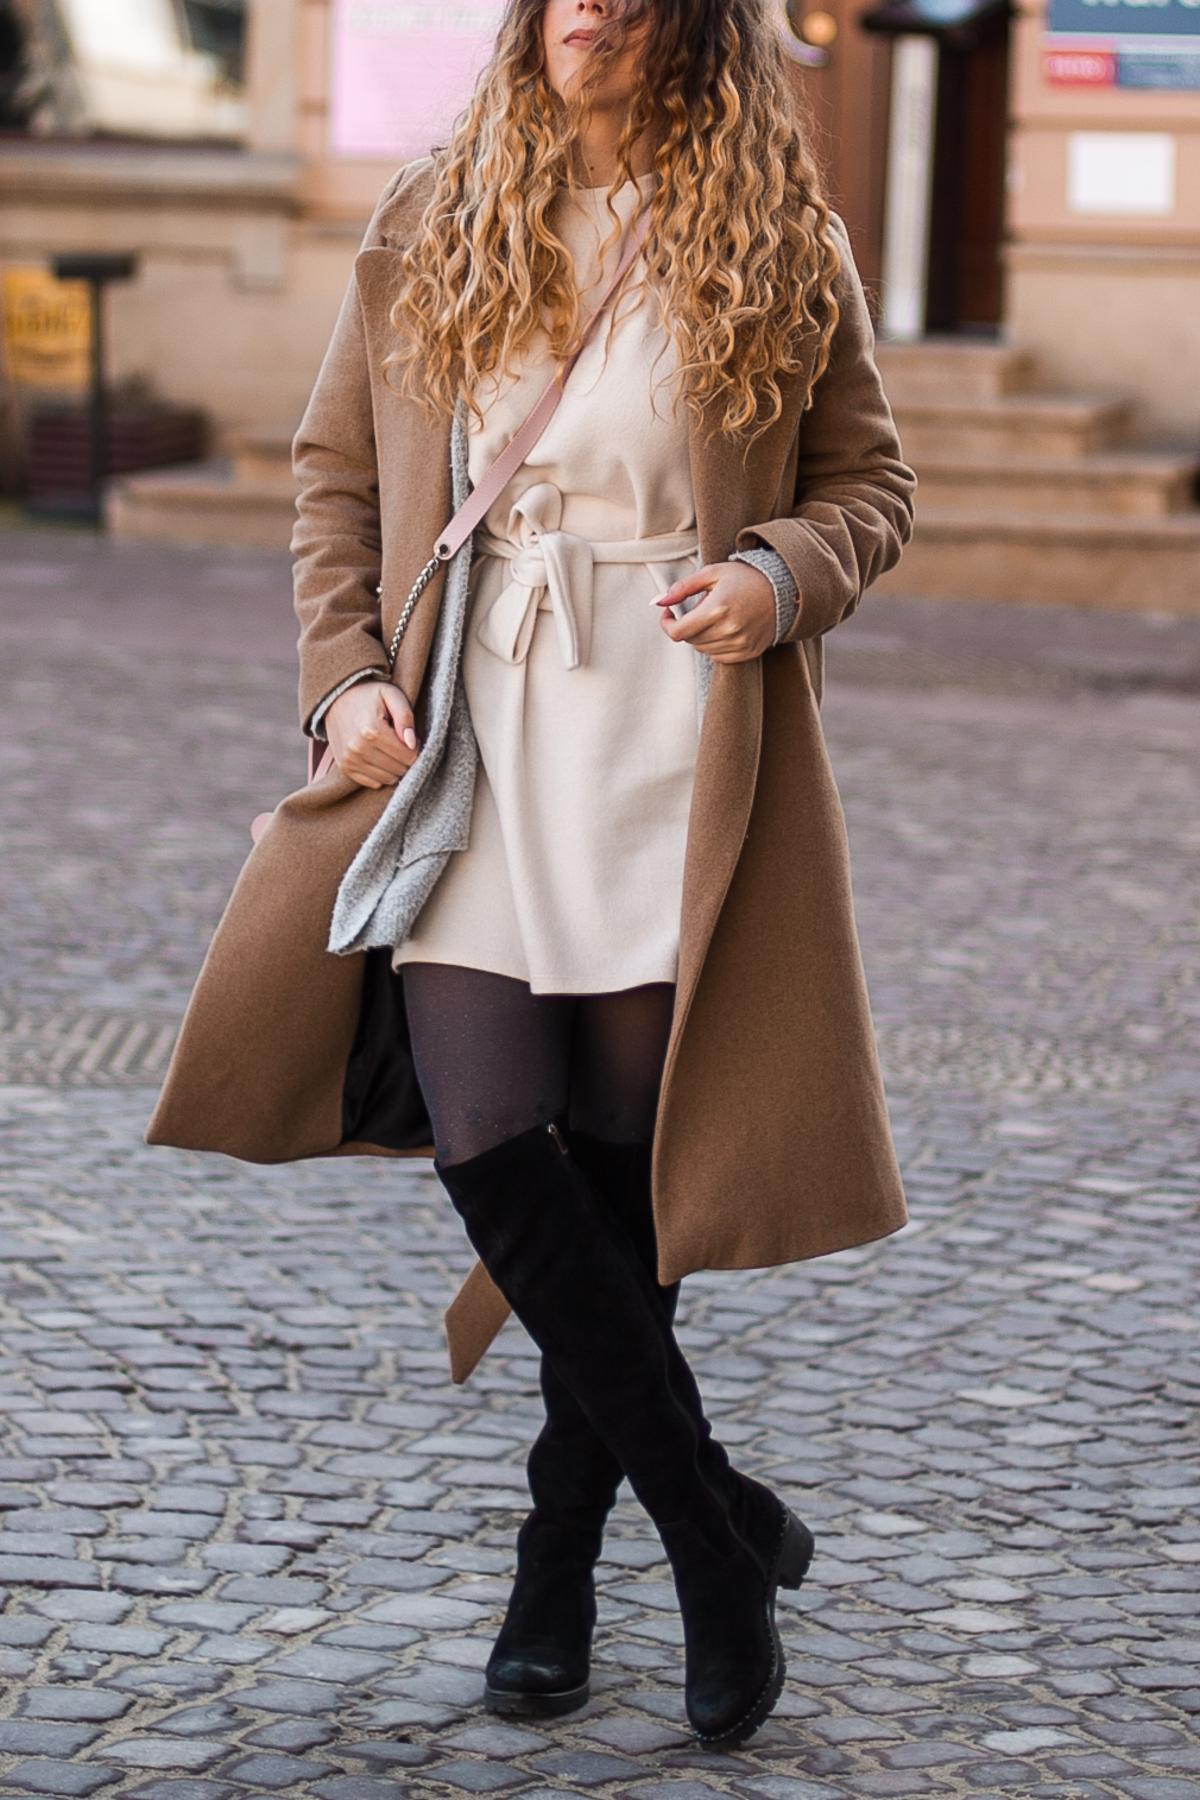 sukienka-wi%C4%85zana-na-zim%C4%99.jpg